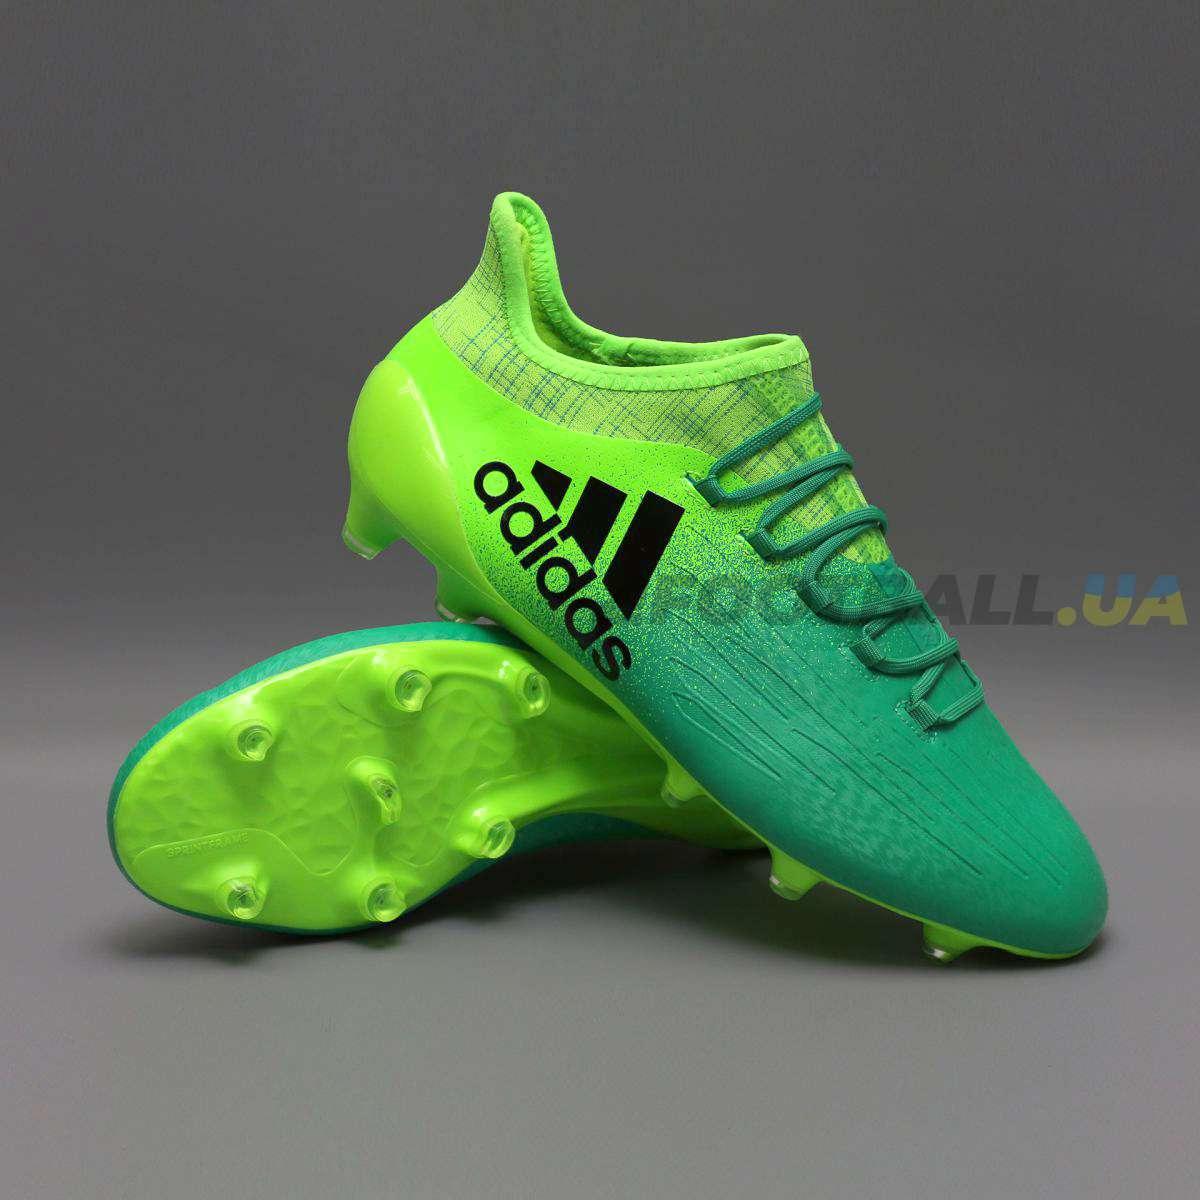 2e571f5e БУТСЫ ADIDAS X 16.1 FG BB5839 | Ultra Lime купить на 4football™ в ...